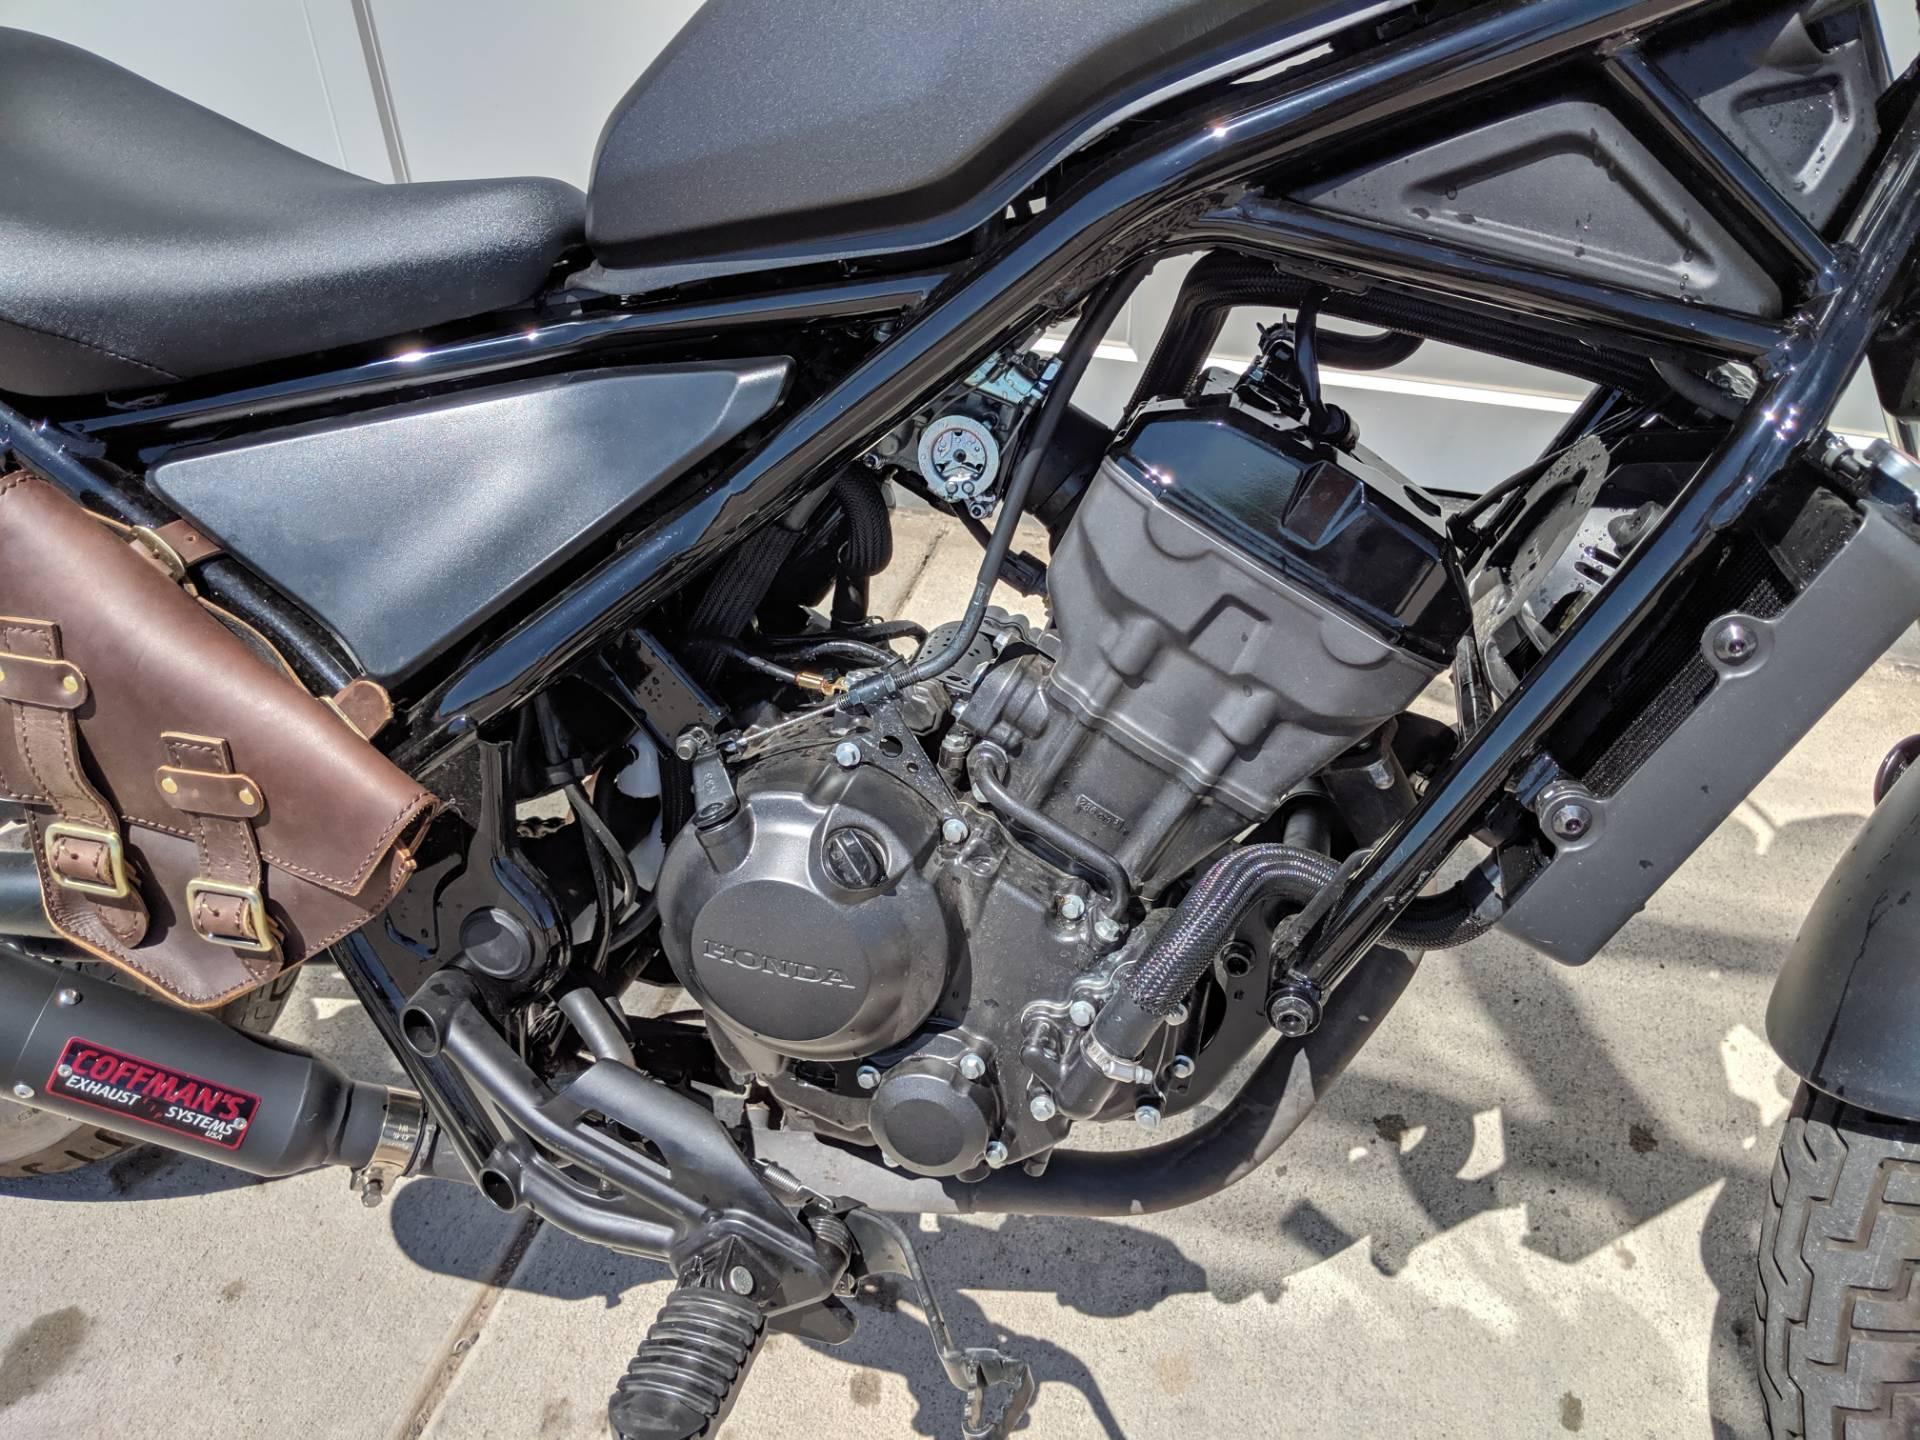 2019 Honda Rebel 300 5